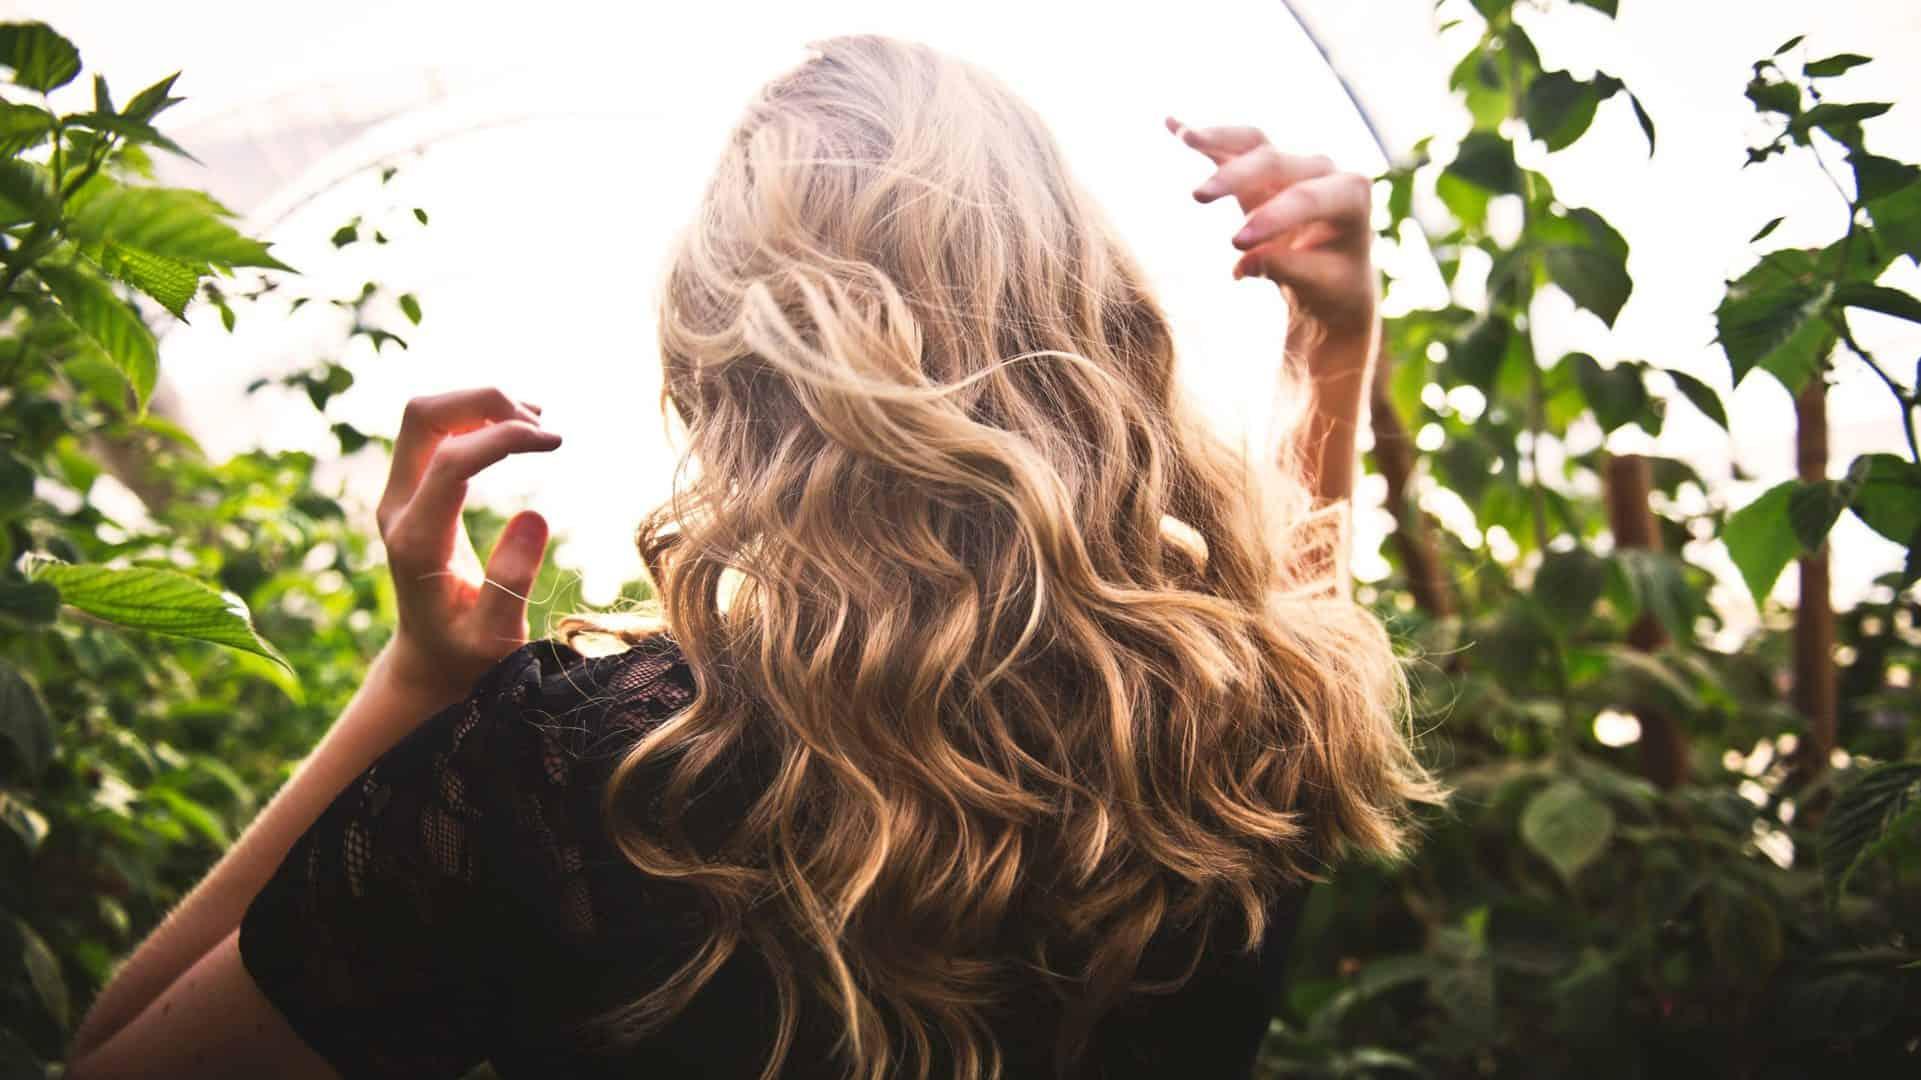 Persoon met golfjes in het haar staat buiten en rijkt met handen naar het haar.